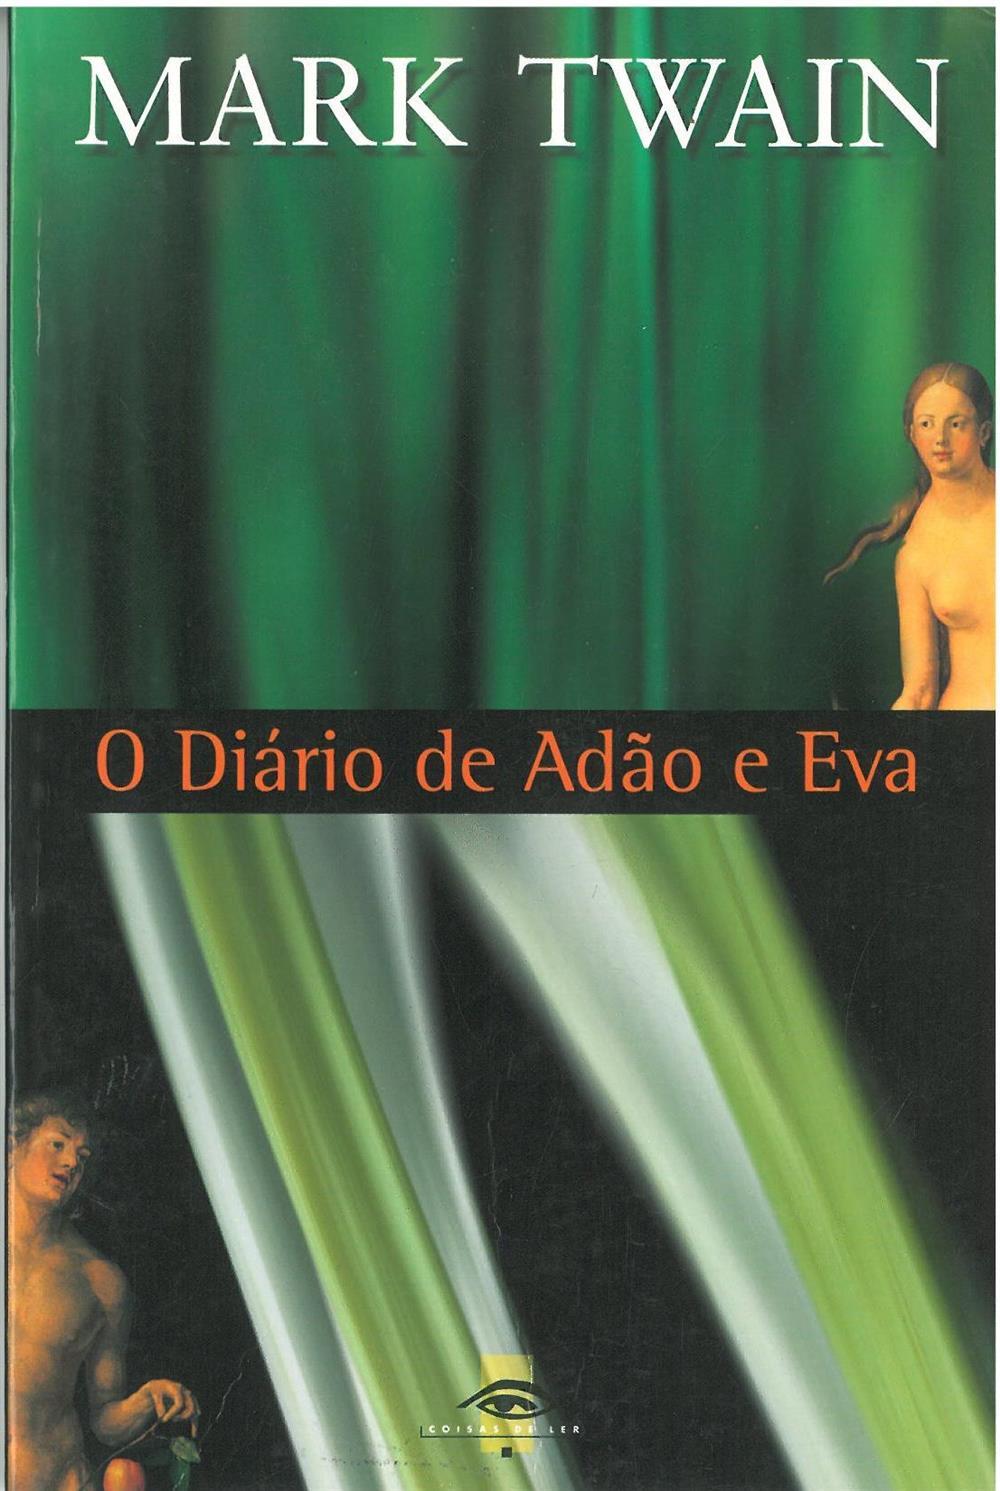 O diário de Adão e Eva_.jpg